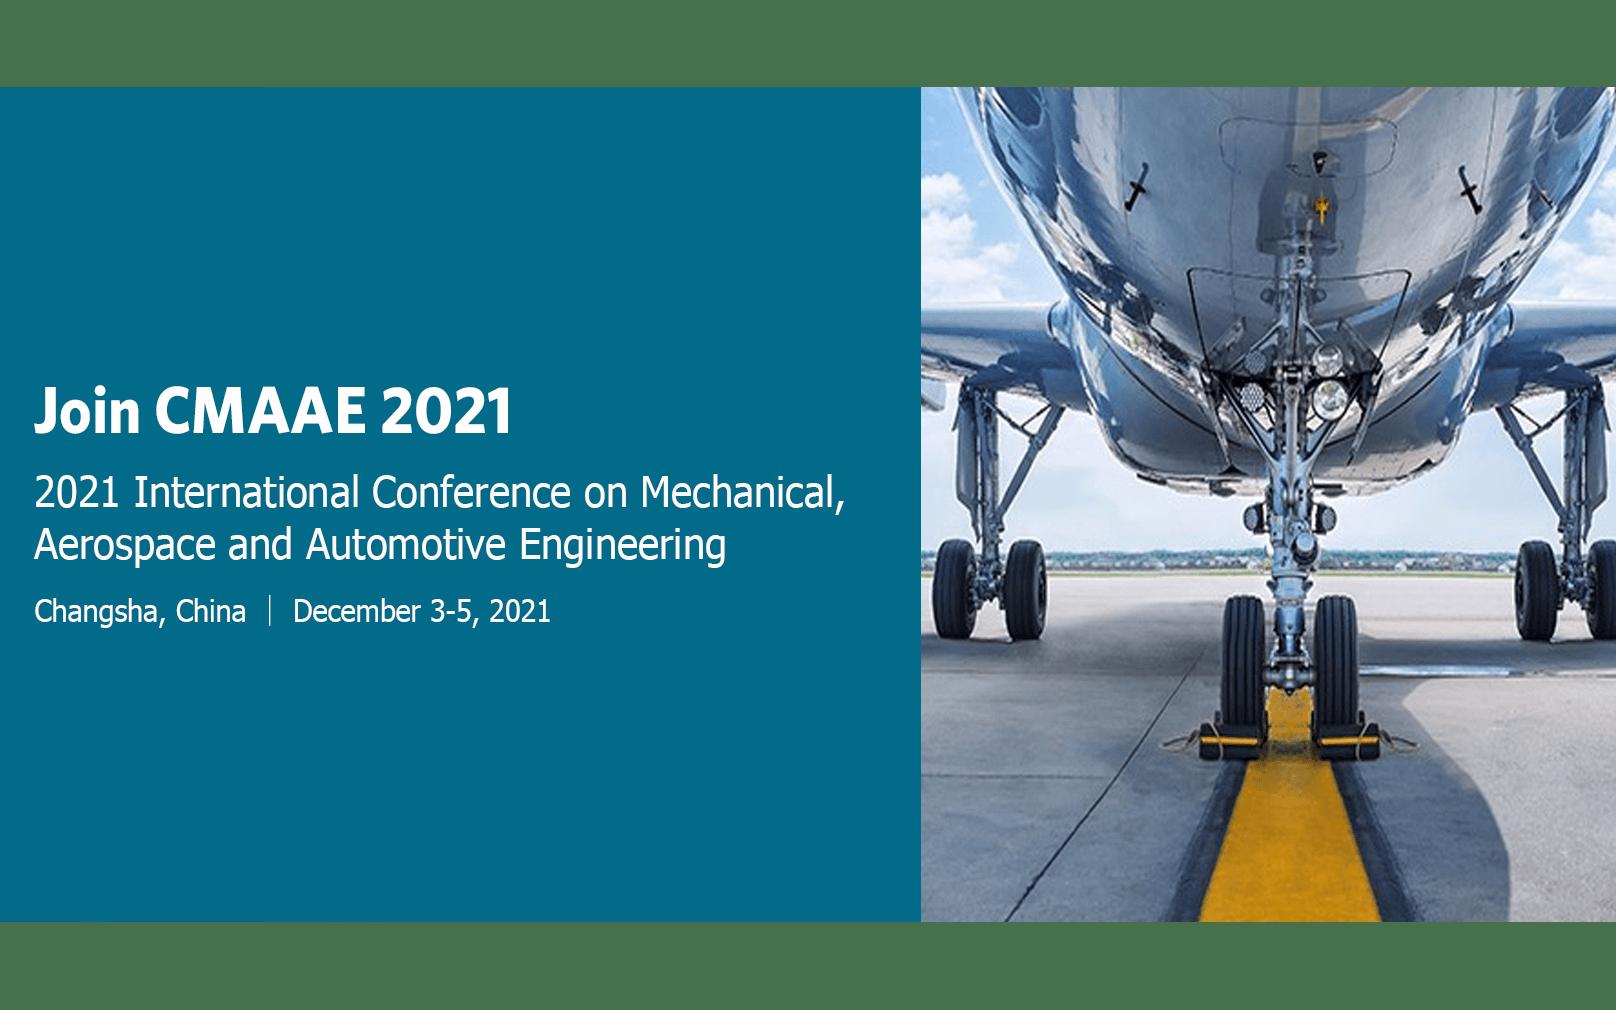 2021年第三届机械,航空航天与汽车工程国际会议(CMAAE 2021)EI检索